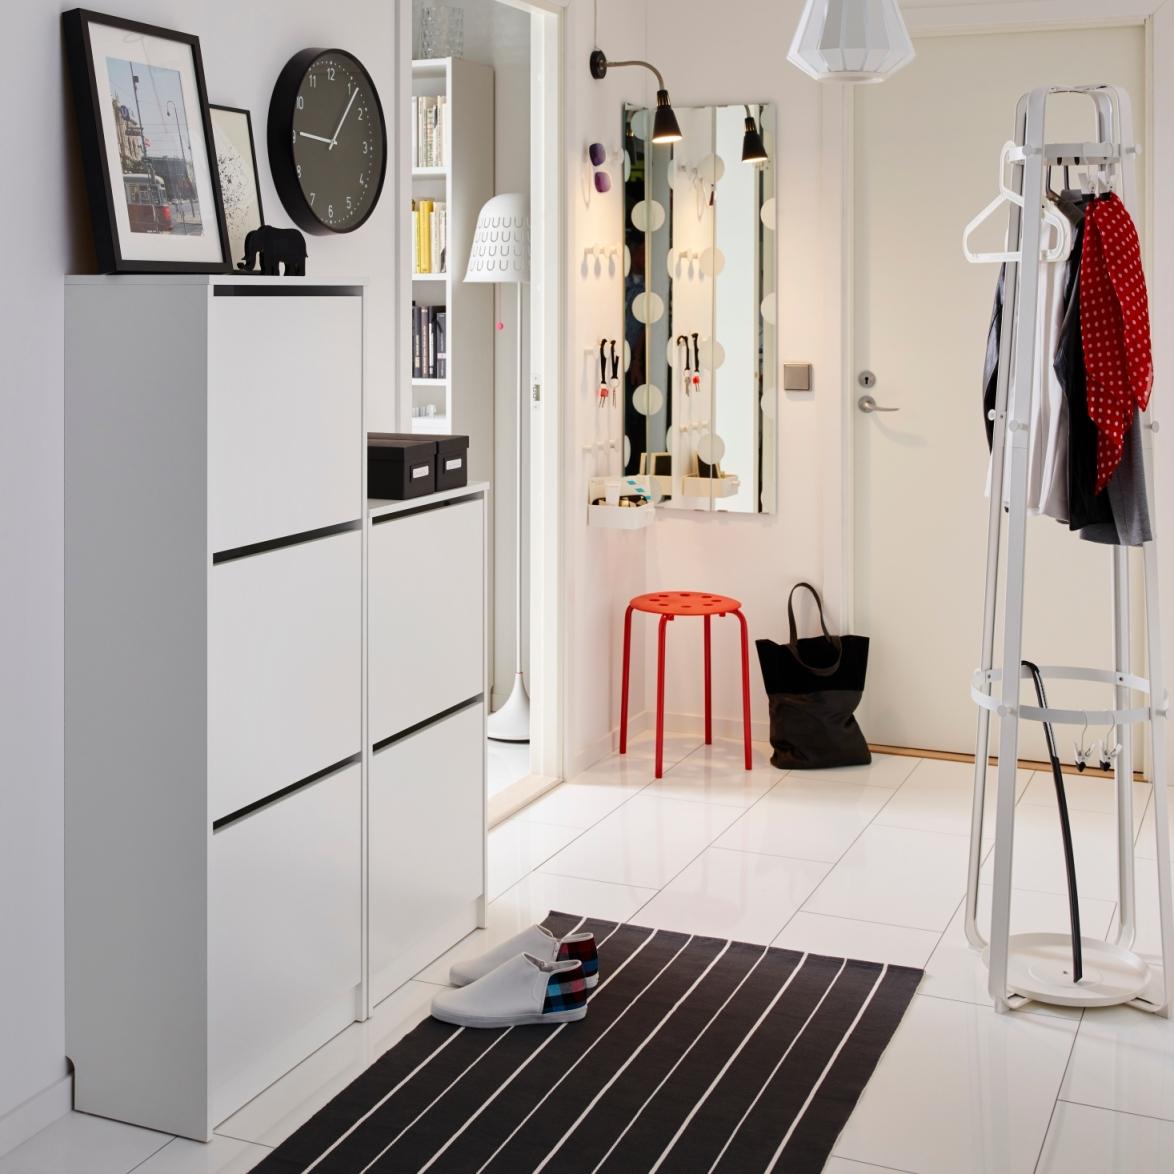 Прихожая икеа - 55 фото лучшей мебели в интерьере от ikea